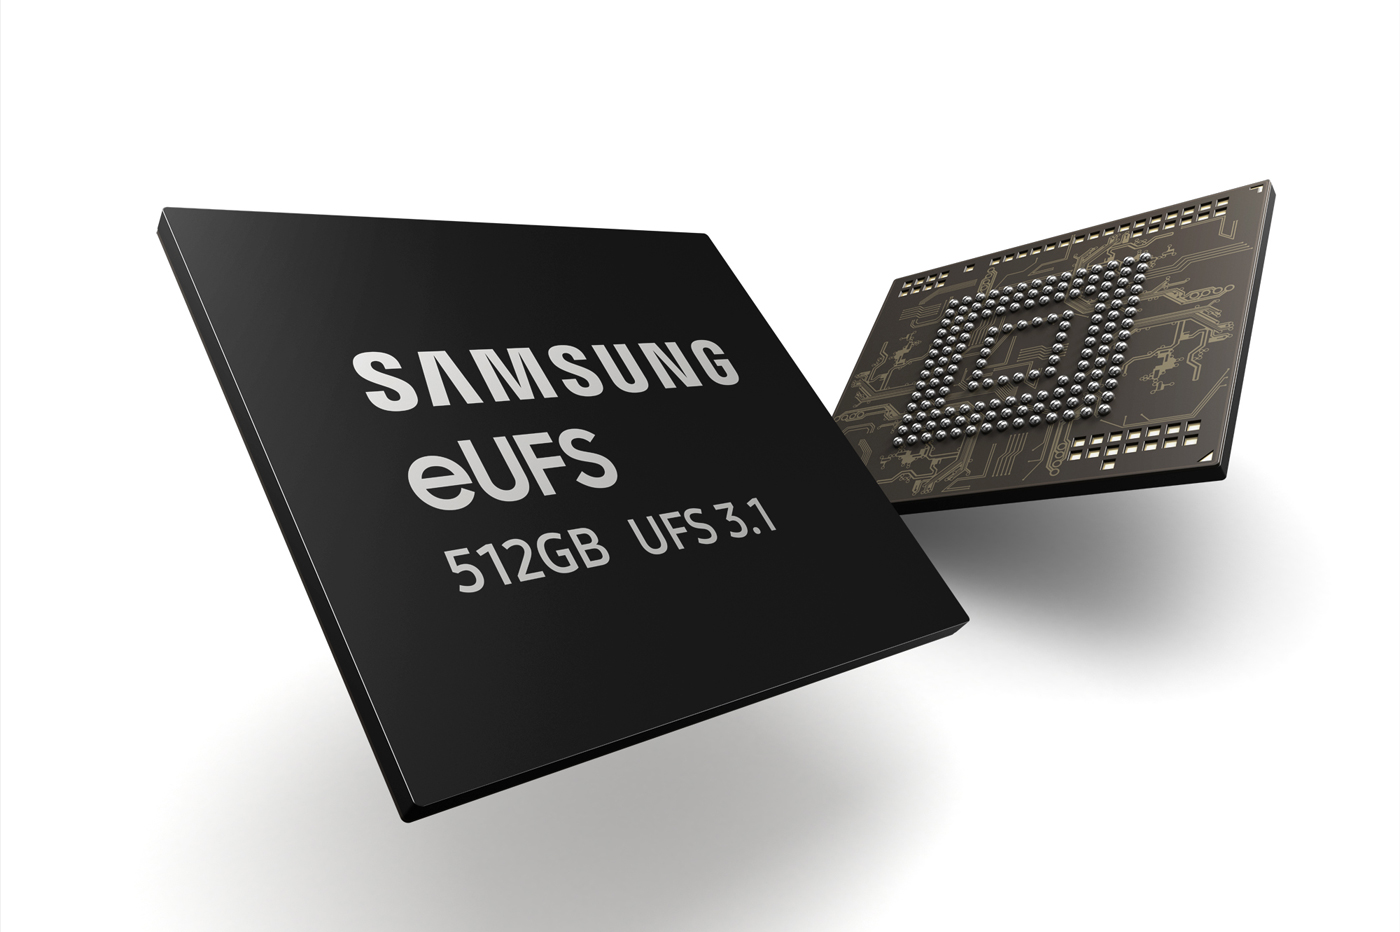 Samsung-eUFS